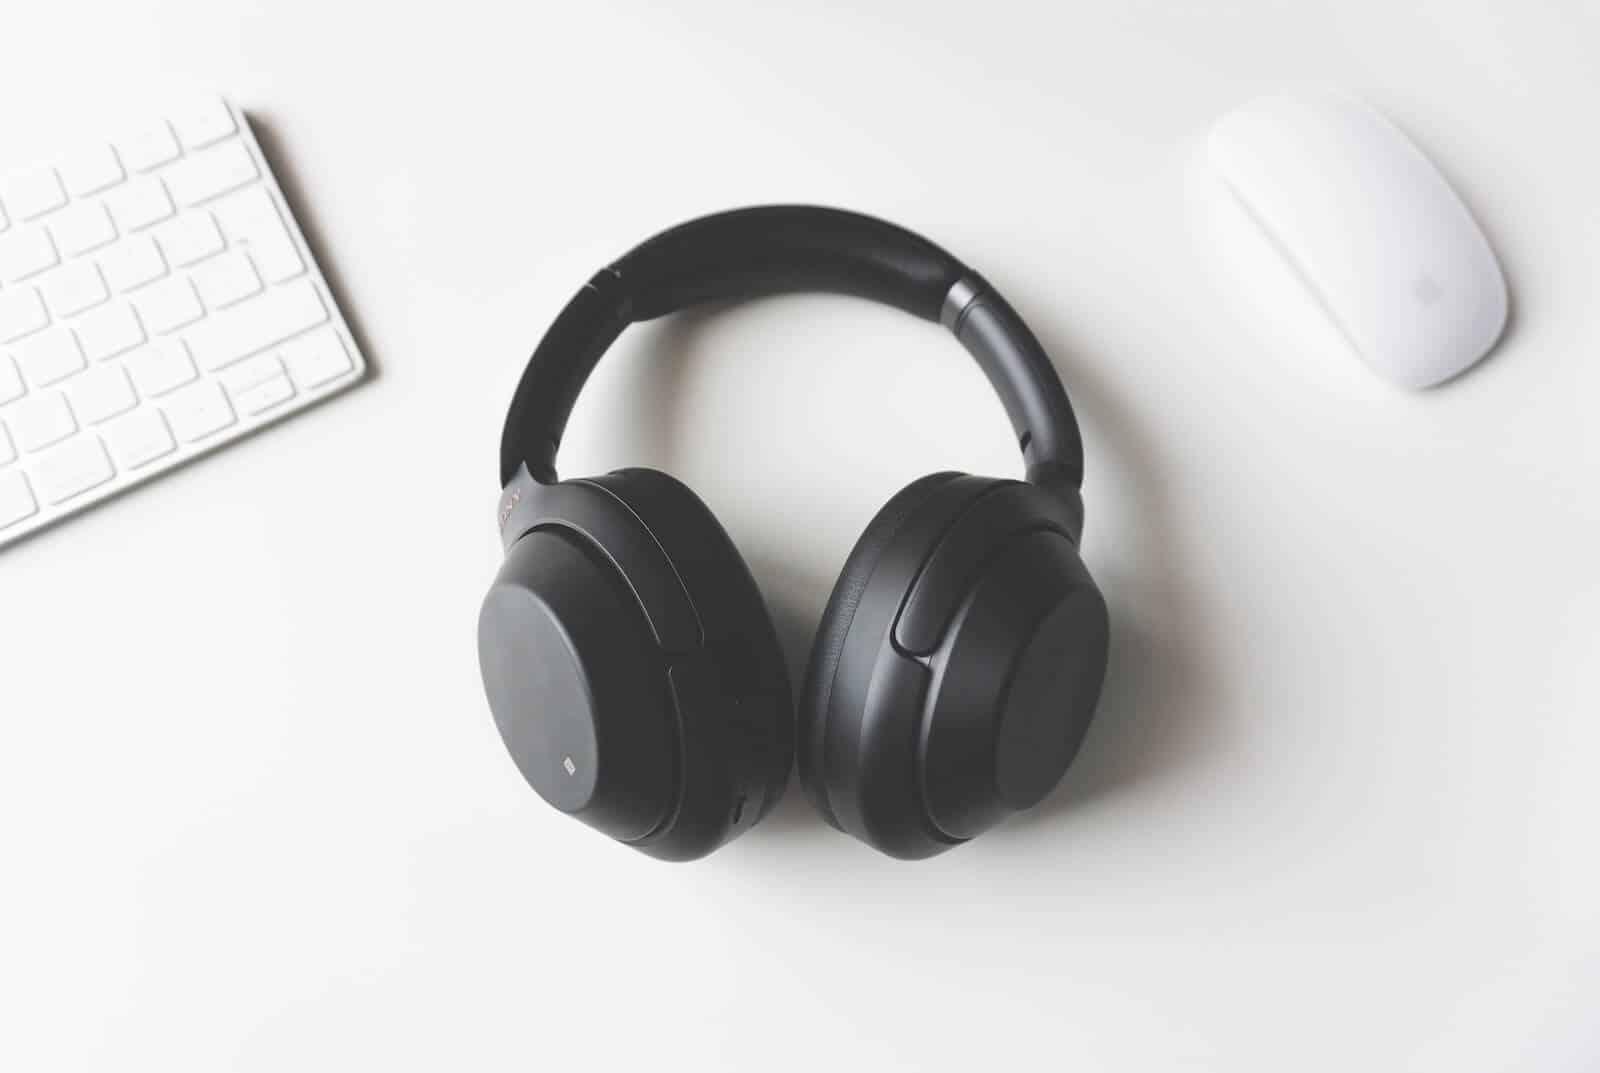 las mejores marcas de audifonos - sony